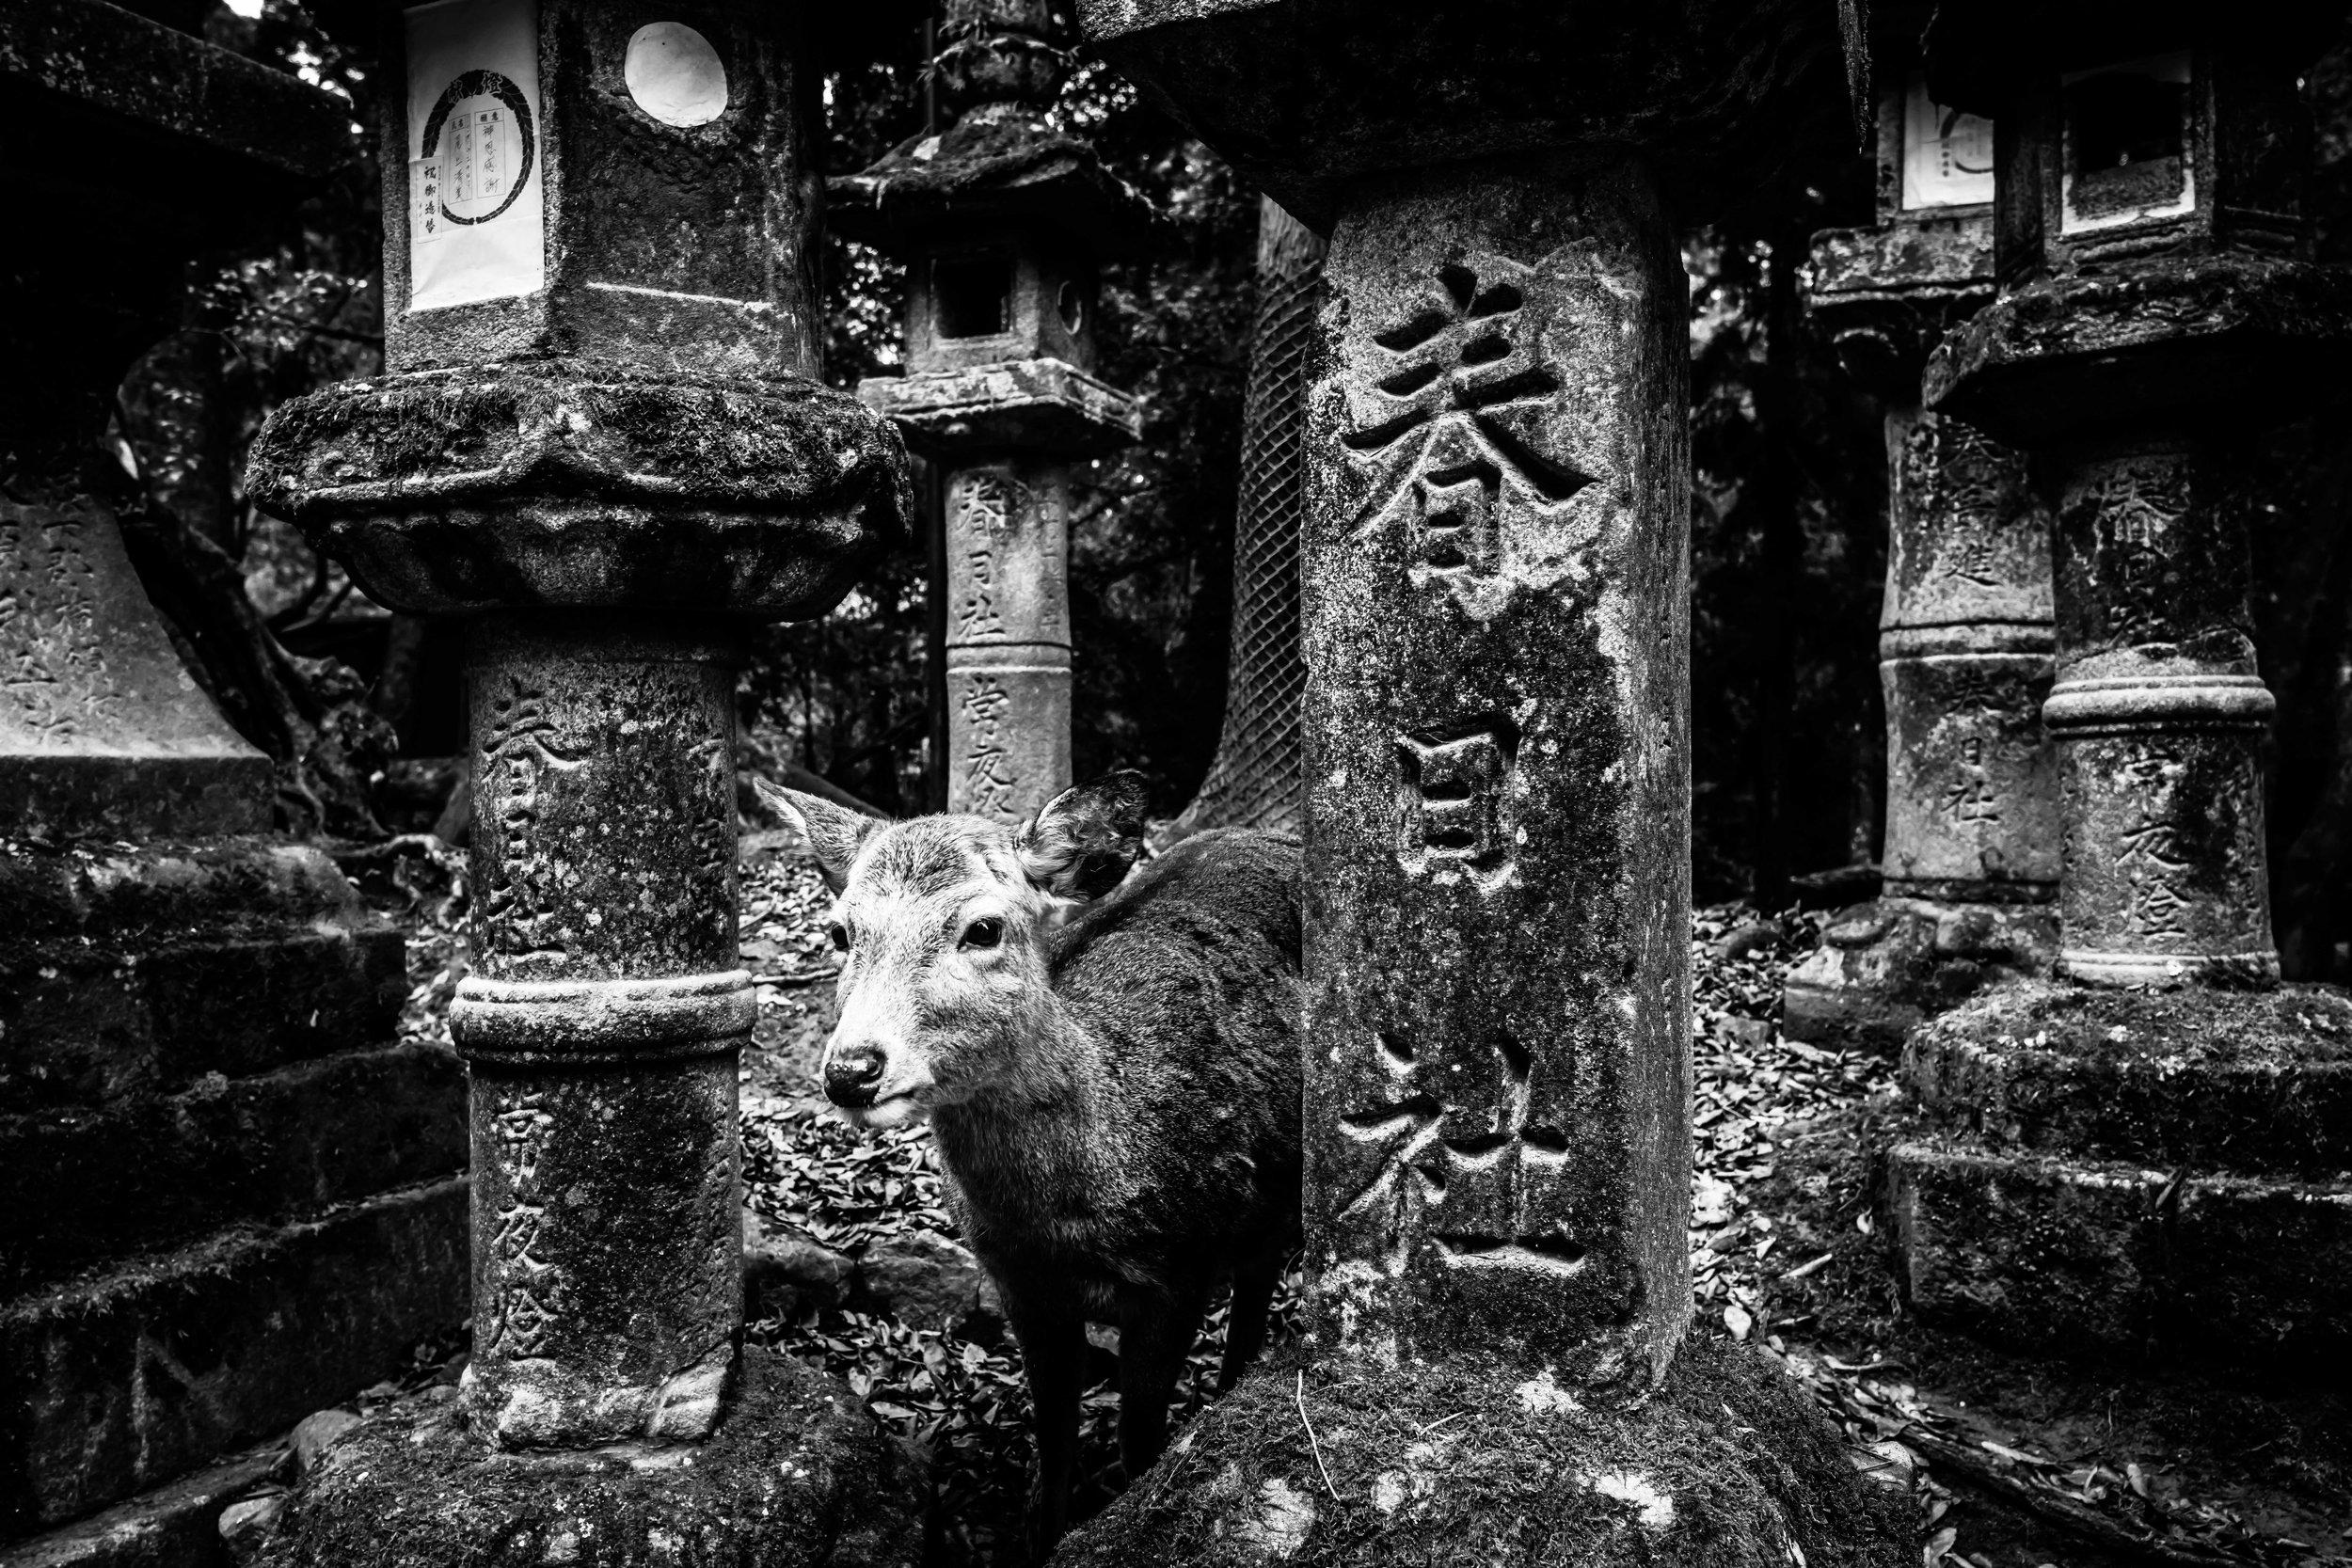 Nara 2017 #3